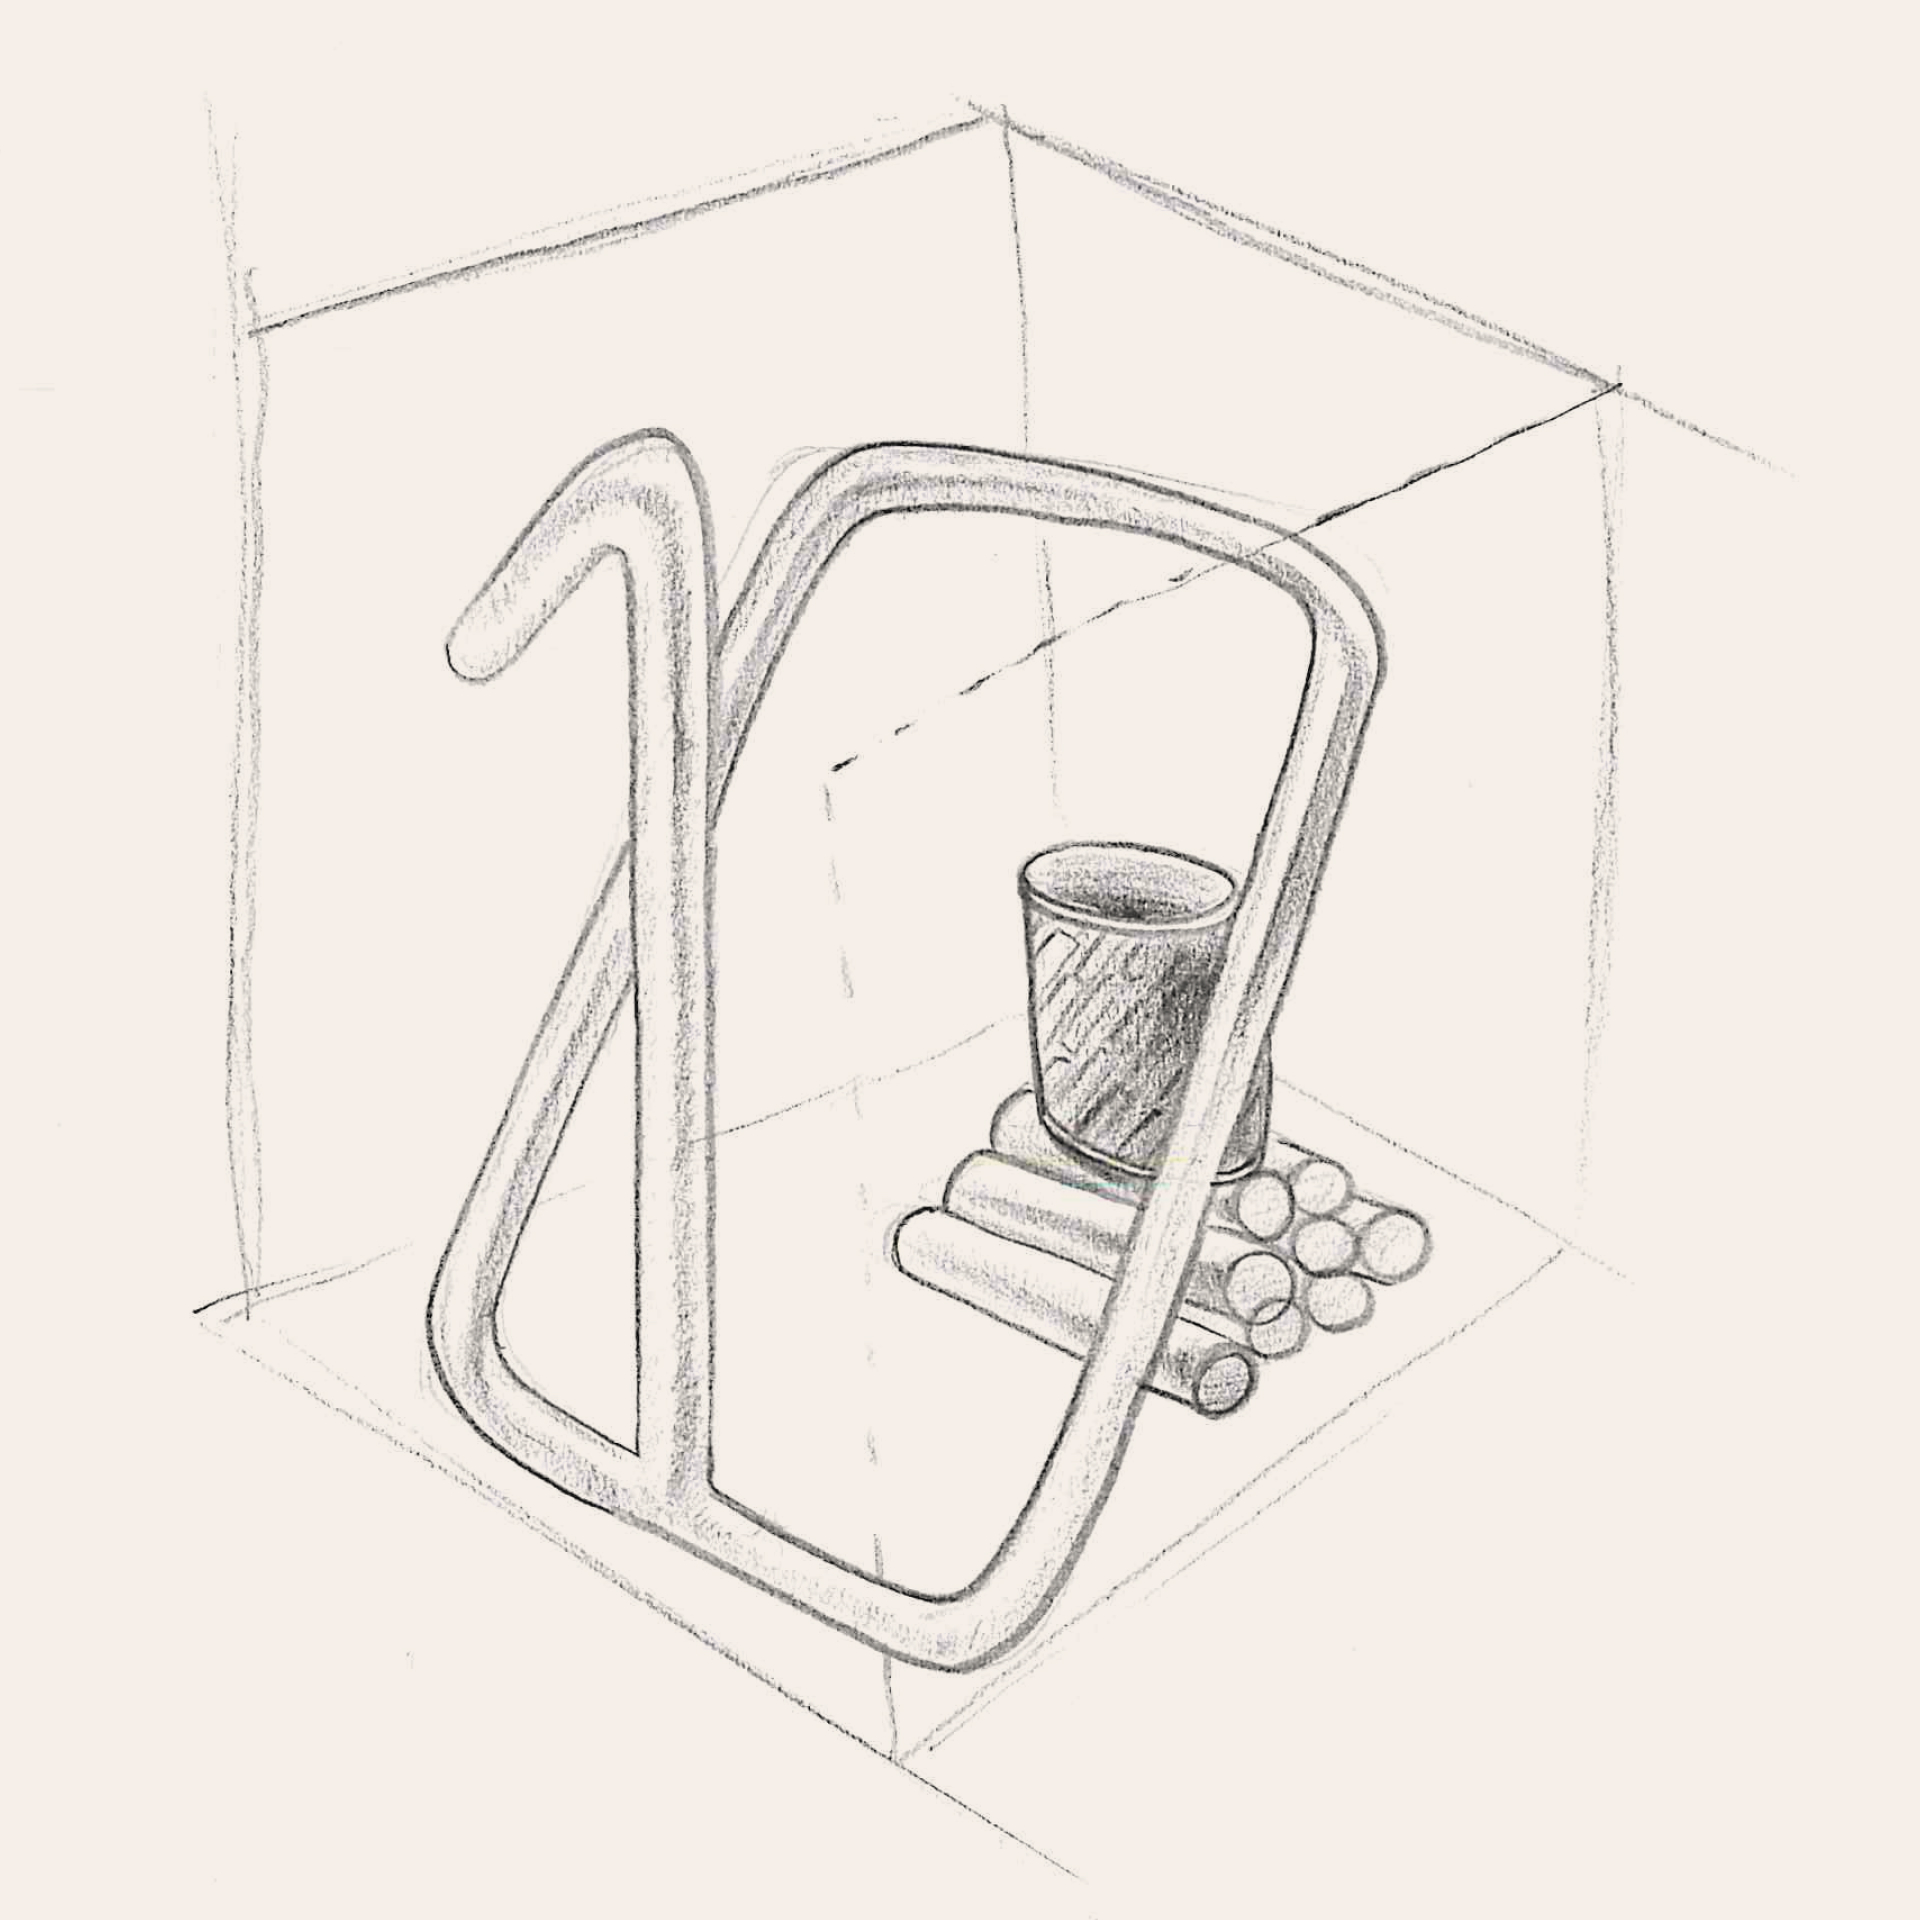 hermes-window-spring18-sketch-3